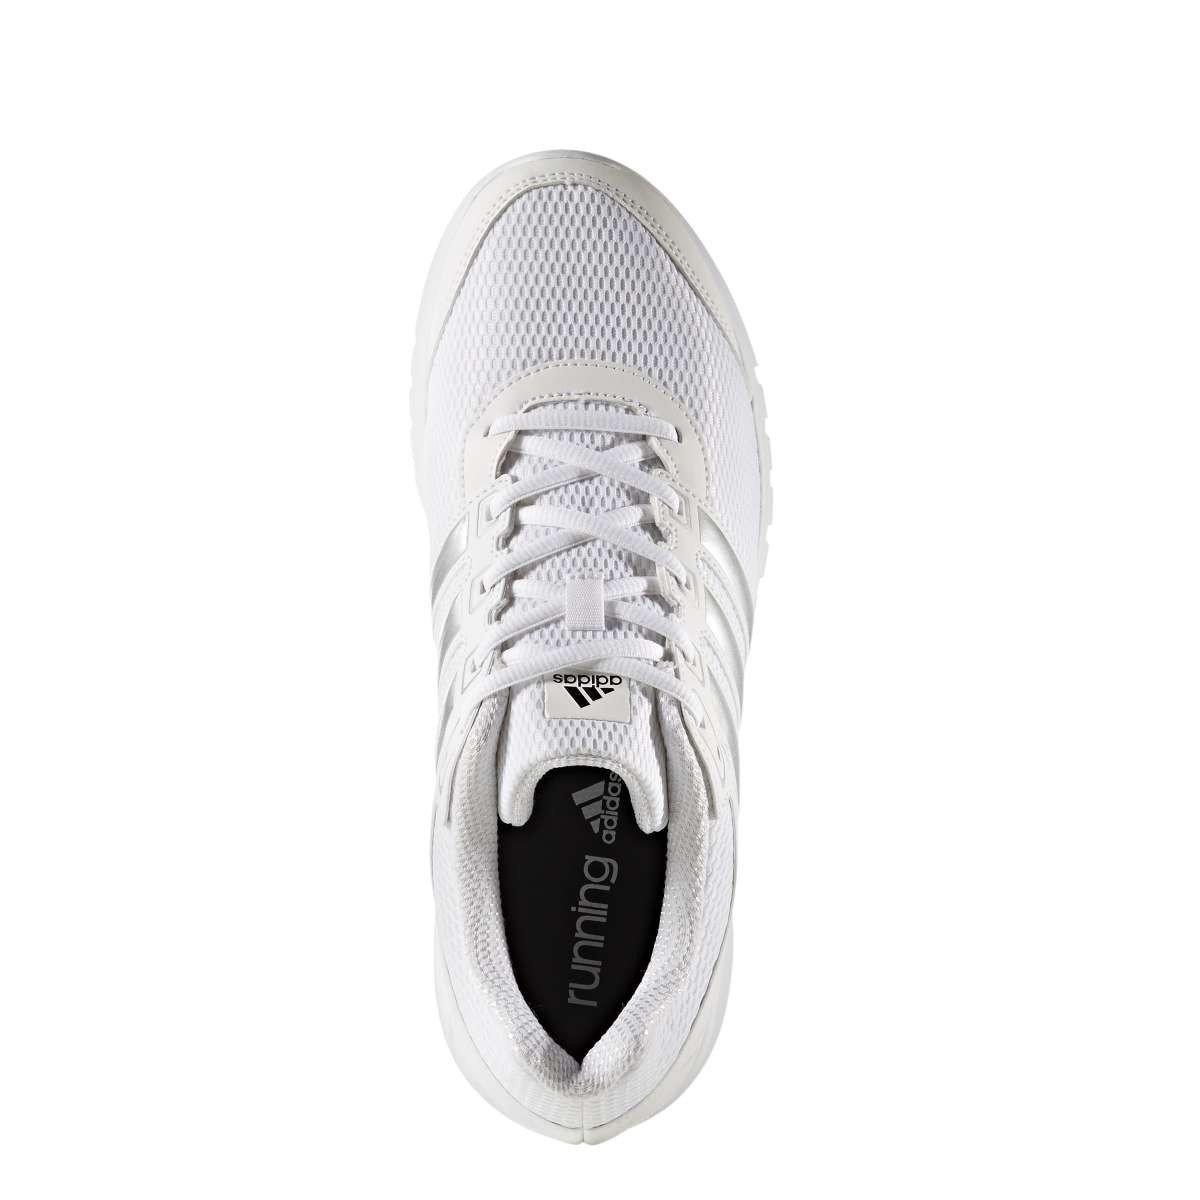 homme / femme, adidas hommes hommes hommes duramo lite m & eacute; est de haute qualité et bon marché de chaussures de la rétroaction bb12908 moins cher que le prix reconnaissance b9406b